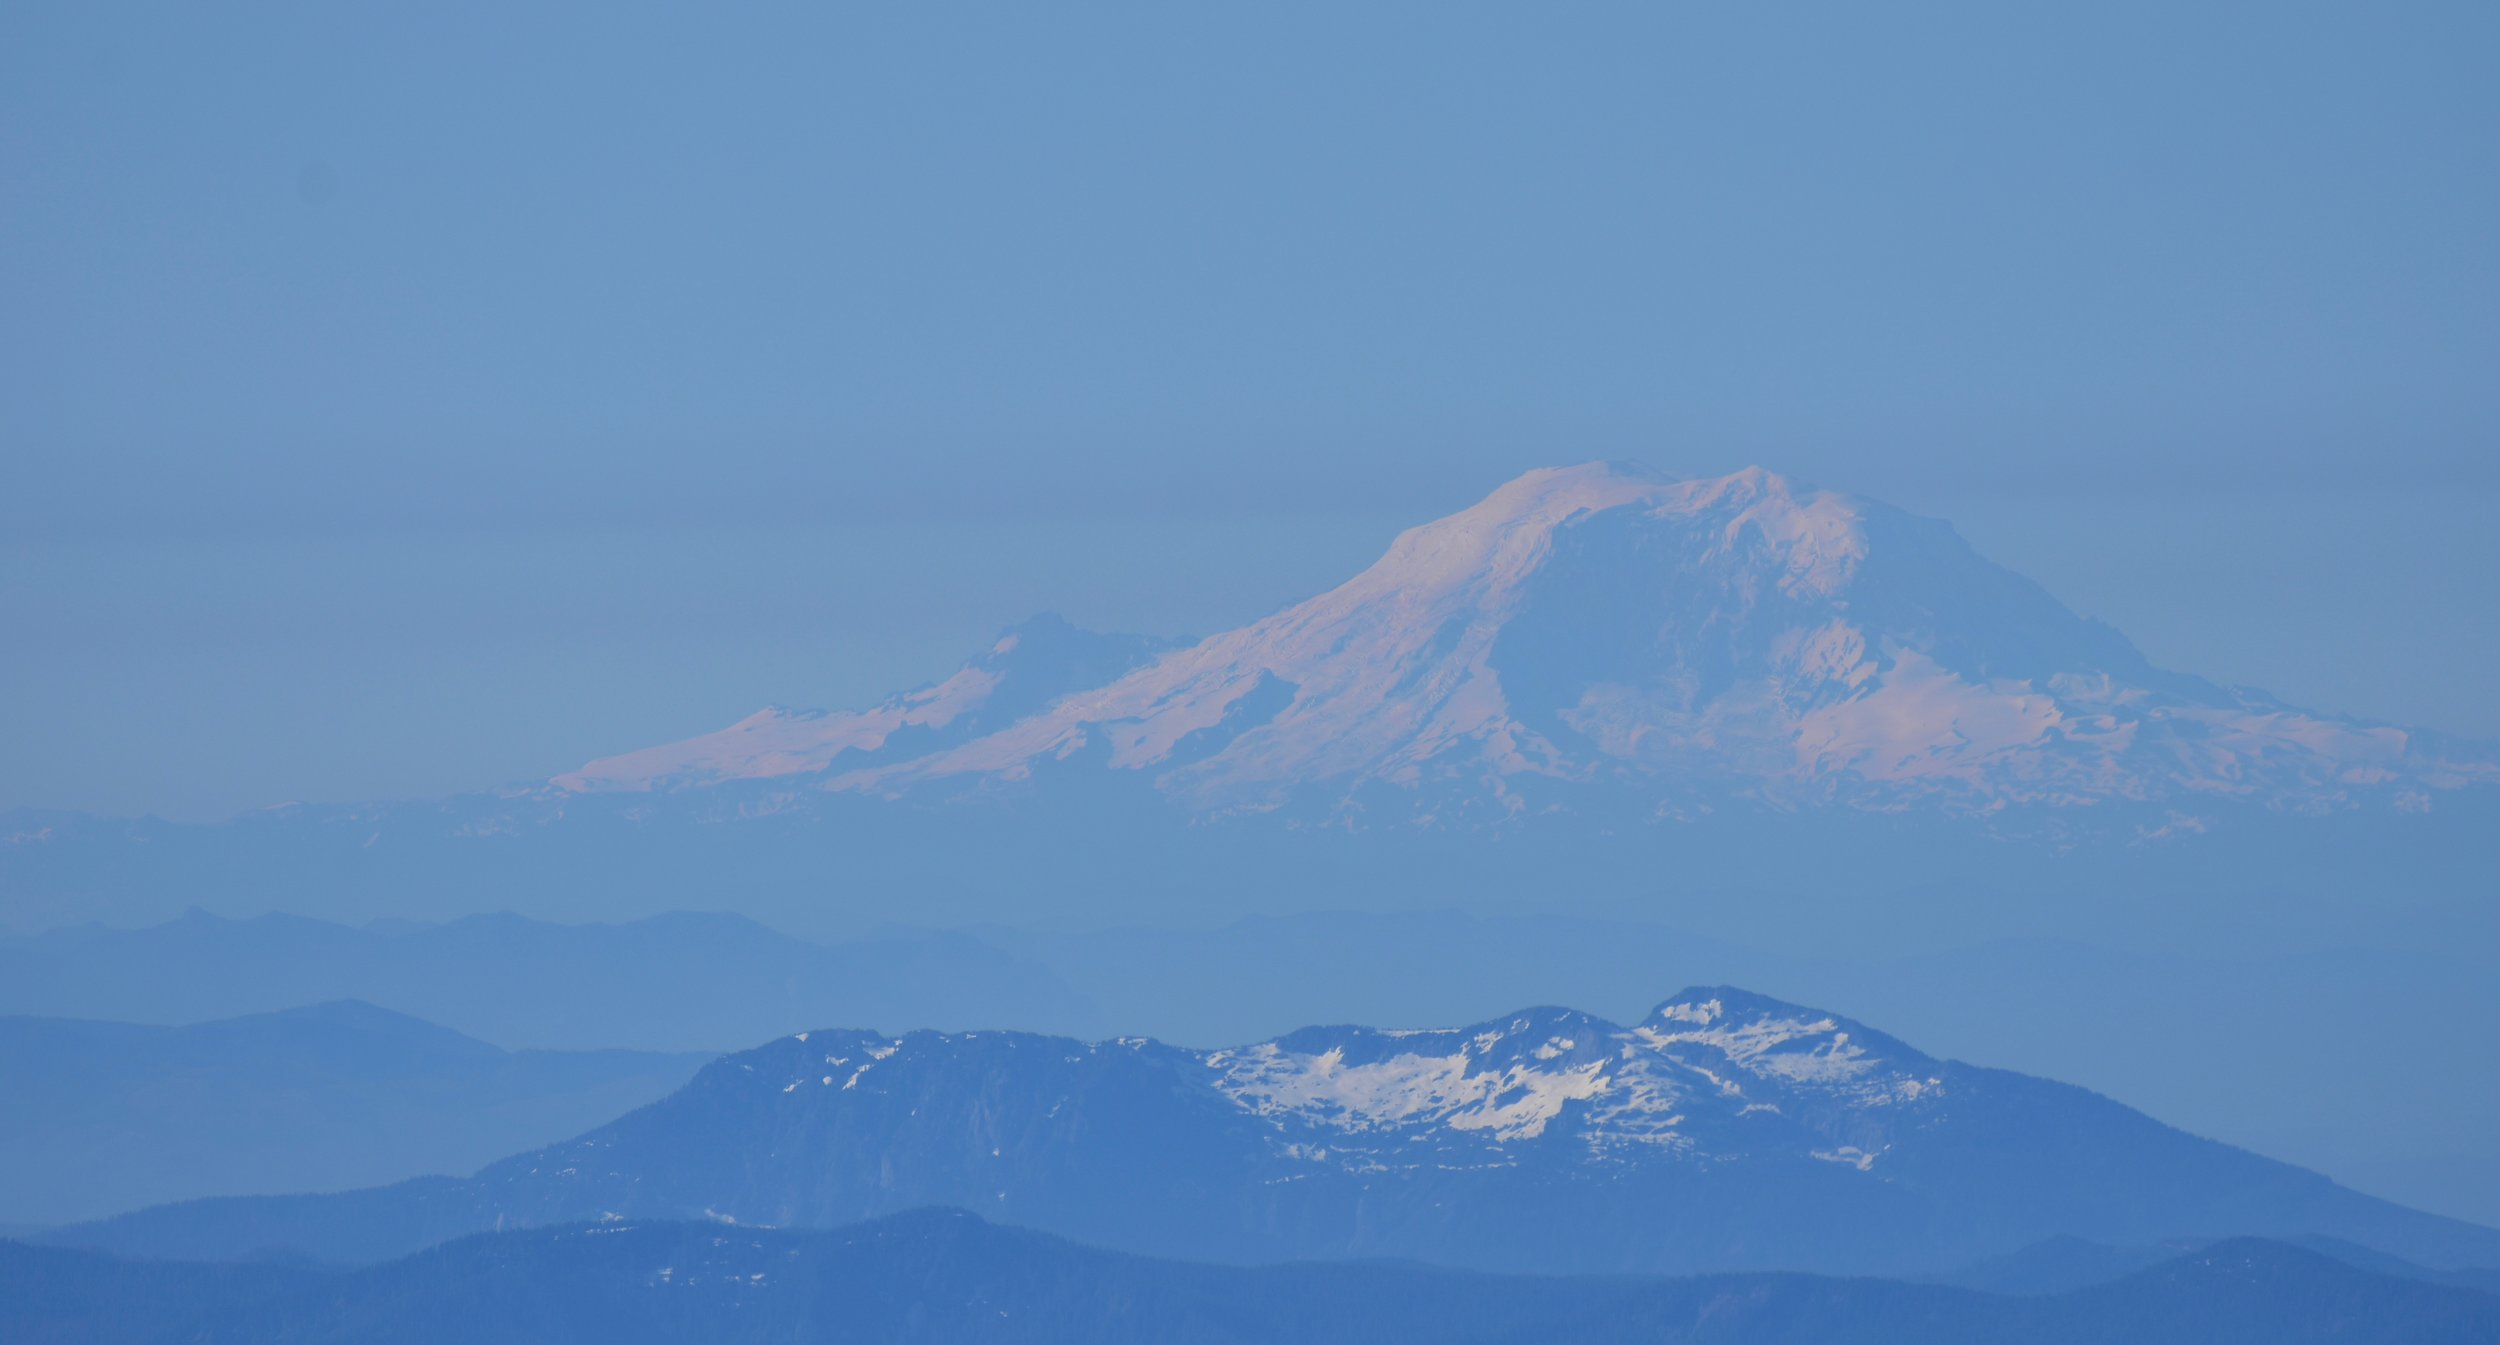 Mt. Rainier (emmons-winthrop side) from Mt. Baker Summit